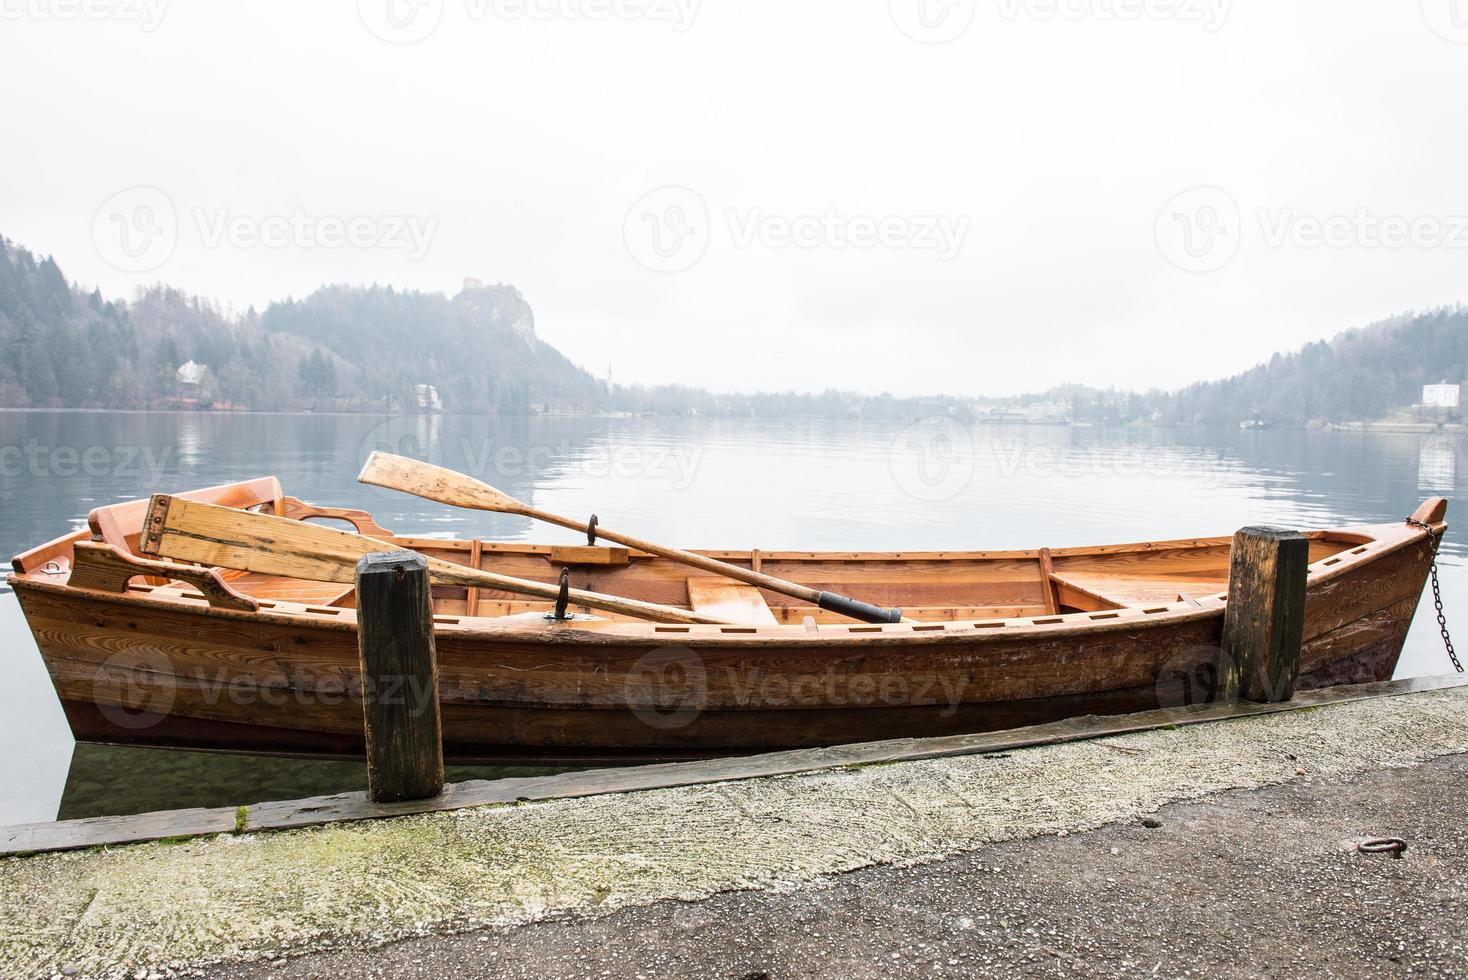 båt på en sjö foto